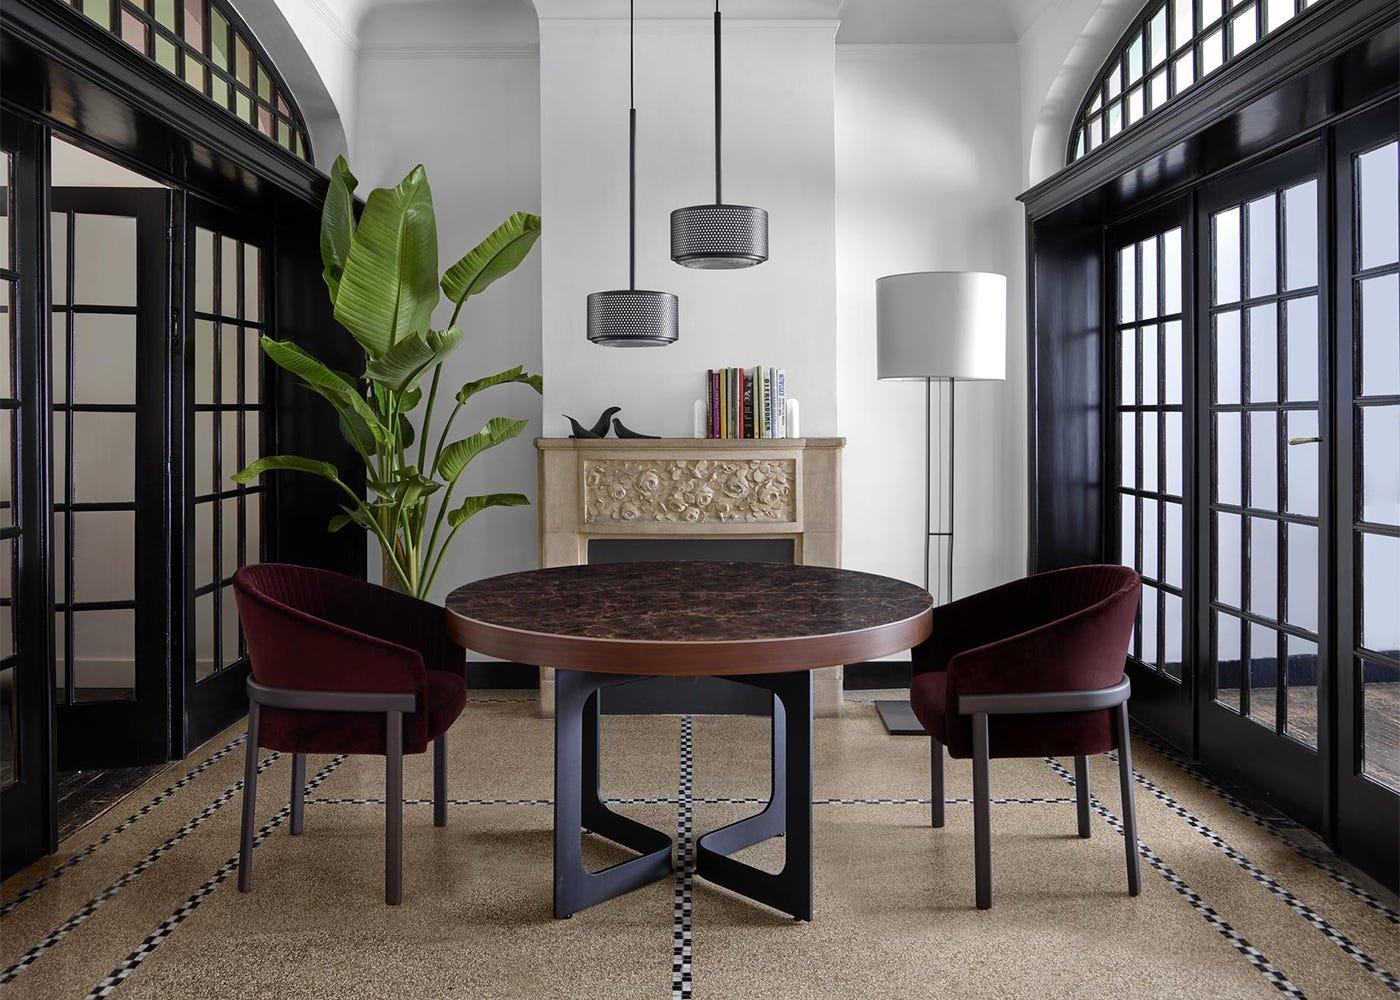 U Turn Floor lamp - Dining View